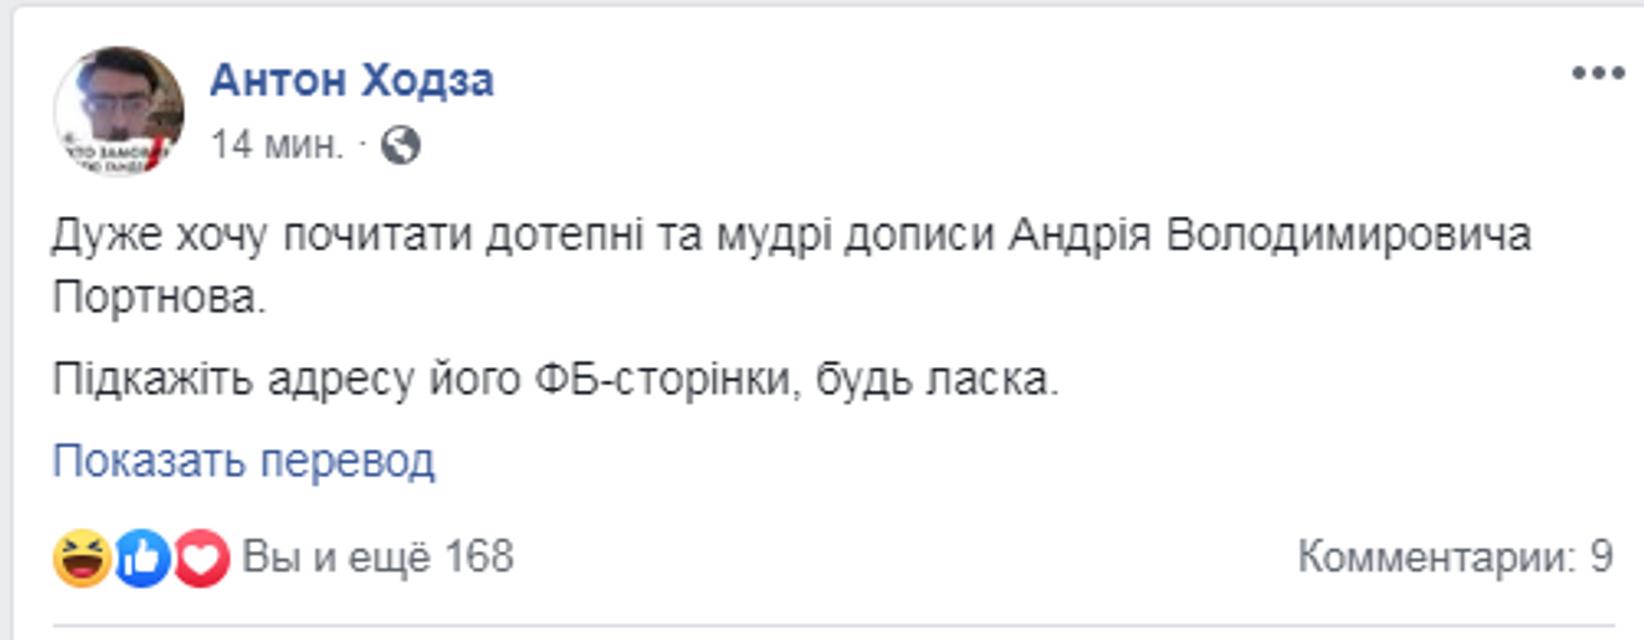 Facebook покарал Андрея Портнова. Известно как - фото 190766